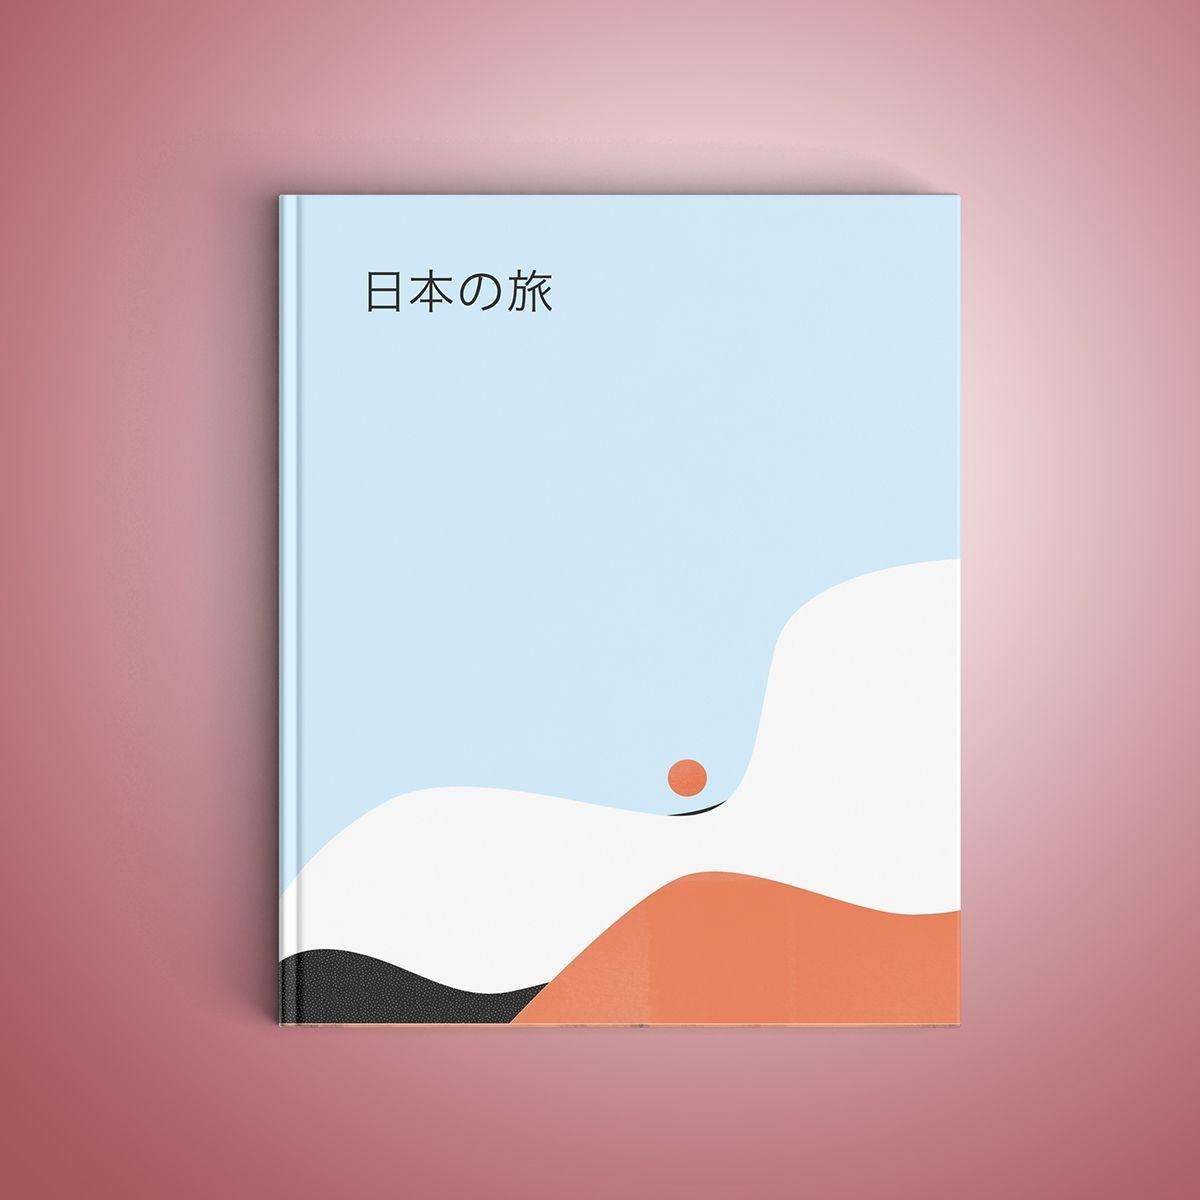 Japan Japon Design Illustration In Love With Japanhttp Abduzeedo Com Love Japan Illustrations Japan Illustration Minimalist Book Minimalist Book Cover